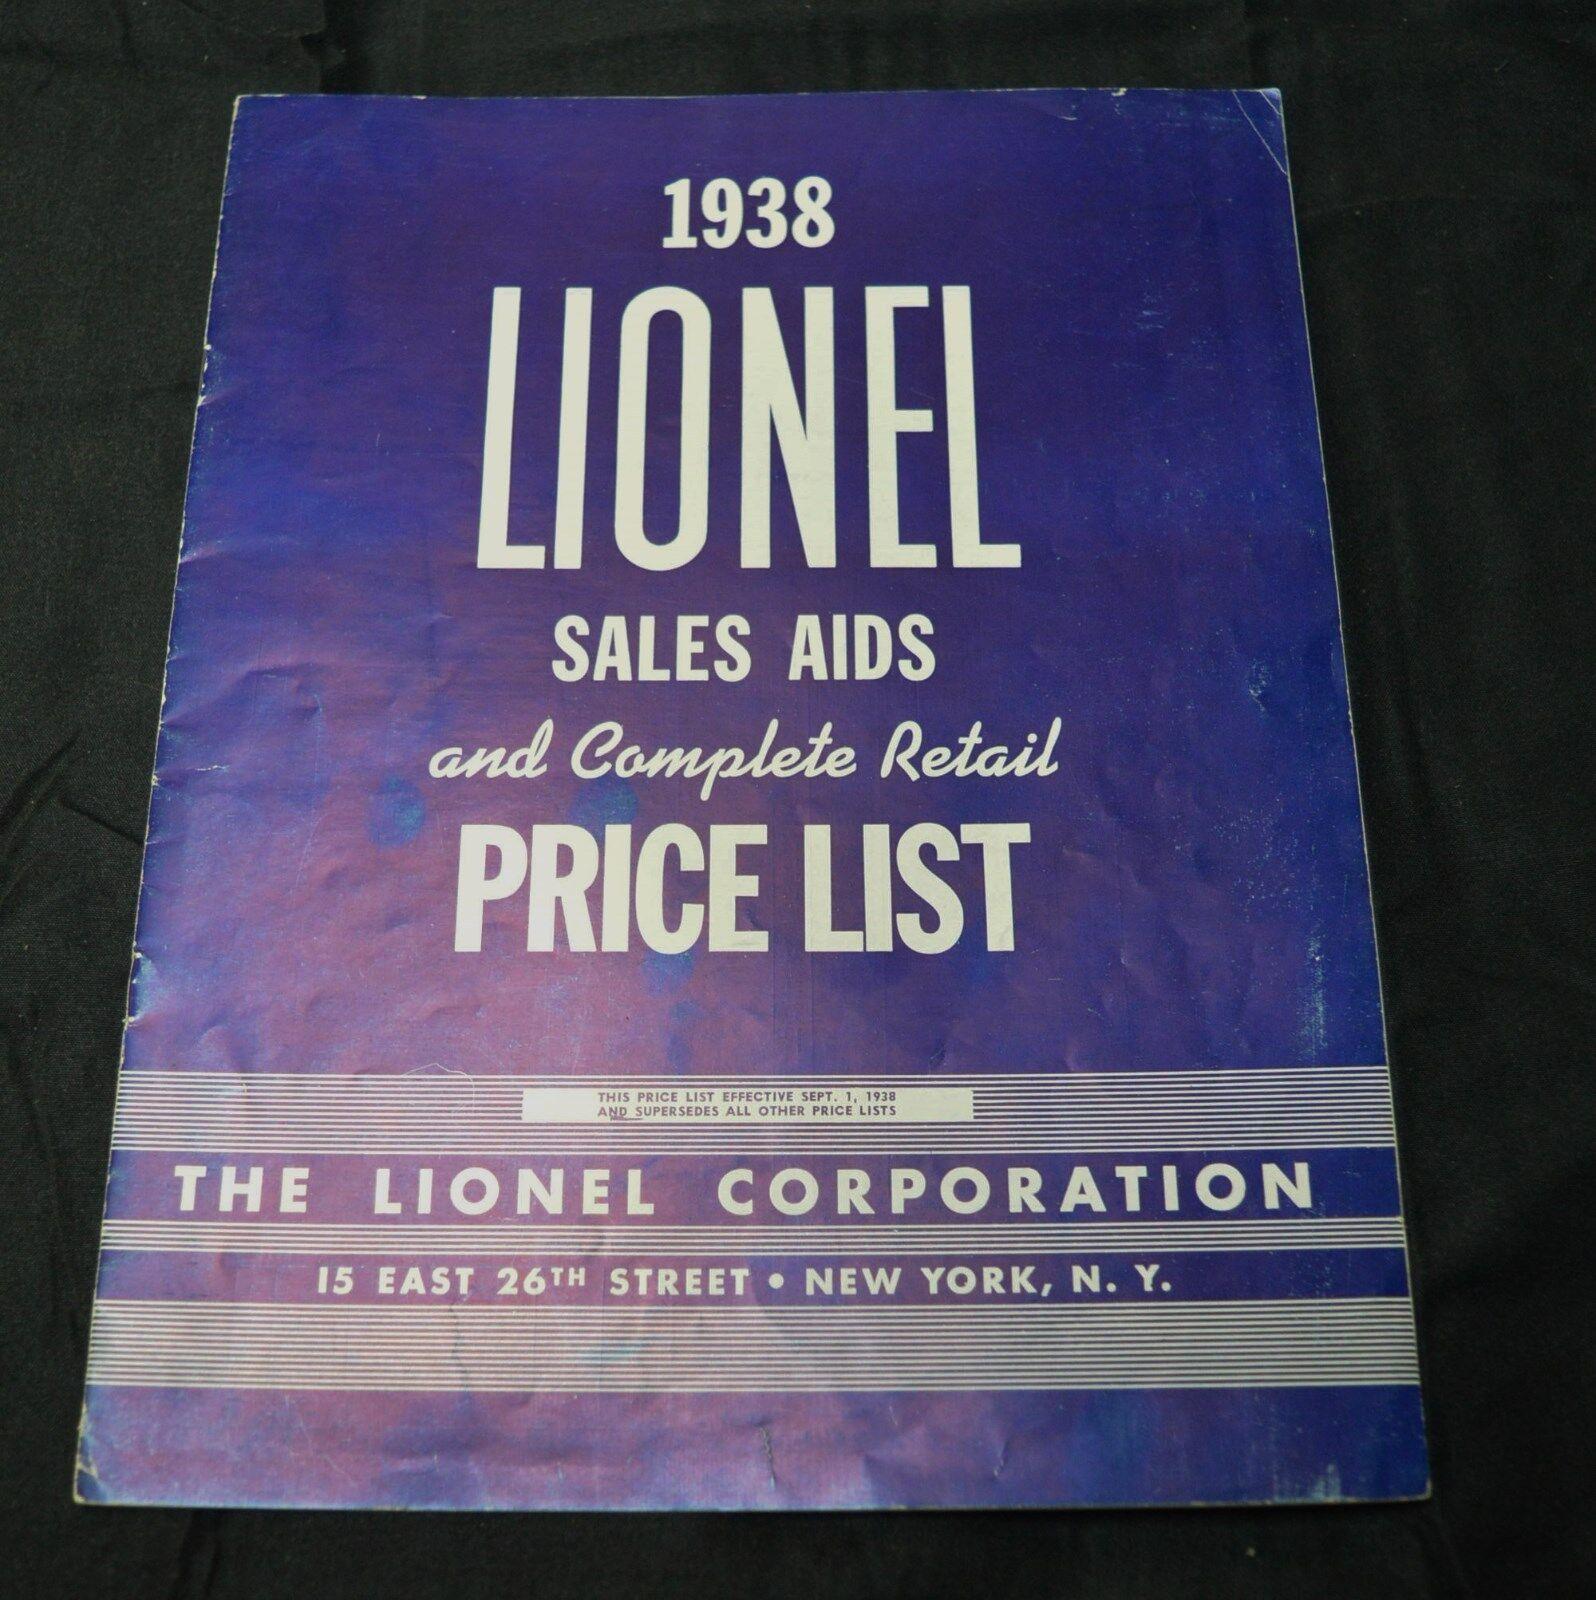 1938 ayuda para las ventas de Lionel y lista completa de precio minorista-biancao con Letras-Muy Buen Estado